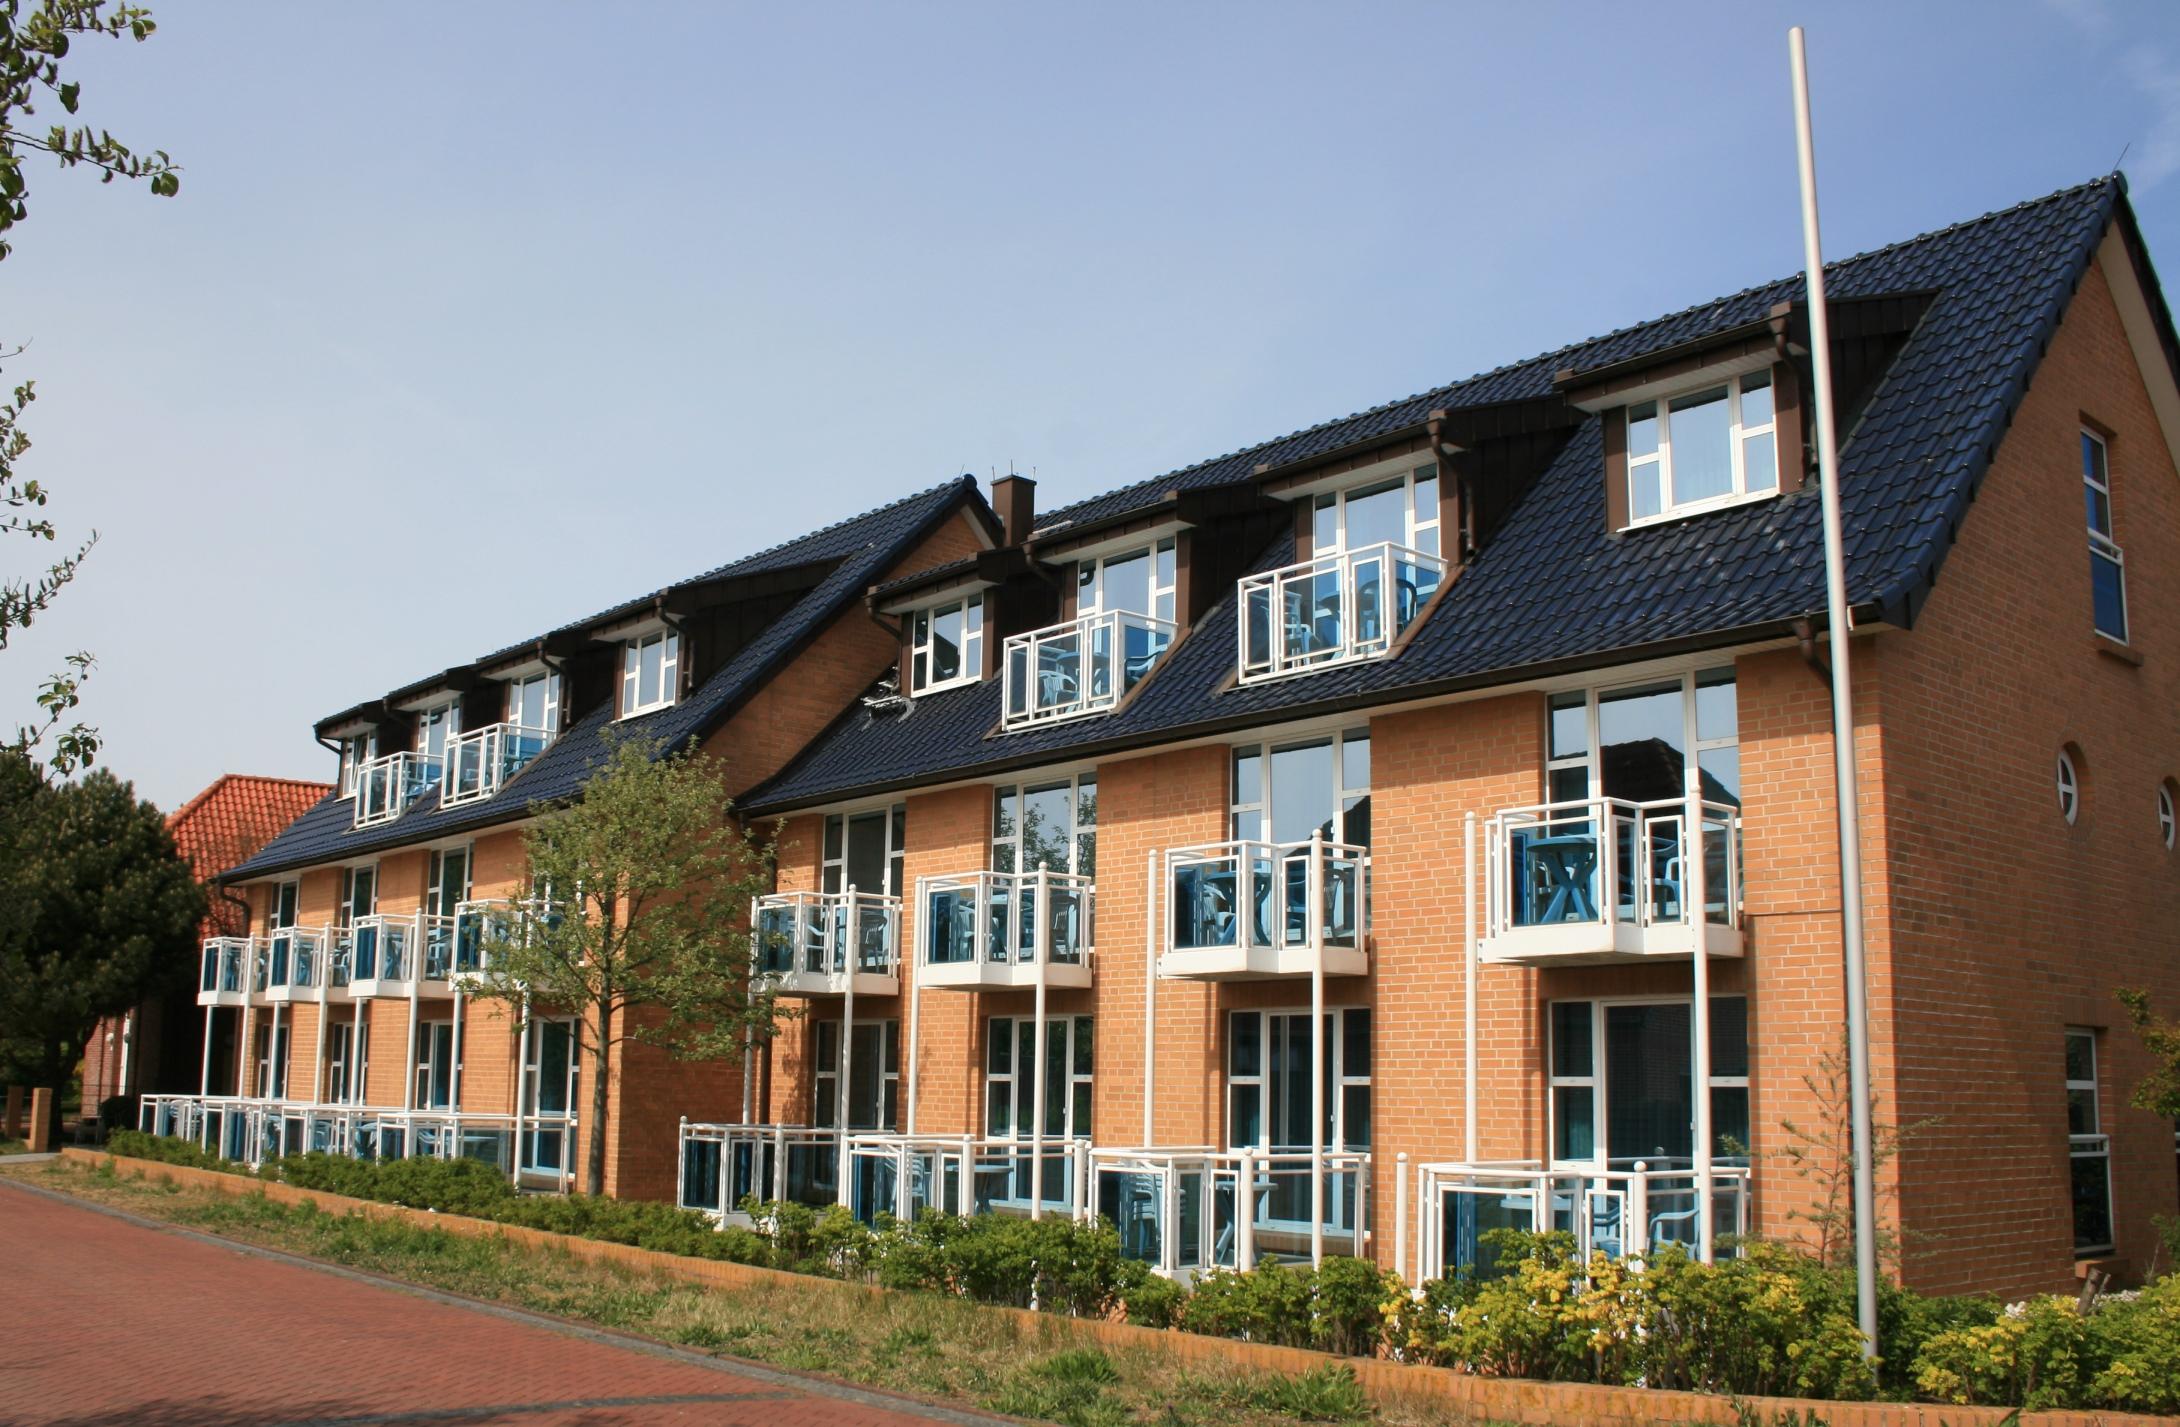 Residenz Südwesthörn Norderney Ferienwohnung Typ A 62qm 2 Schlafzimmer max 5 Personen